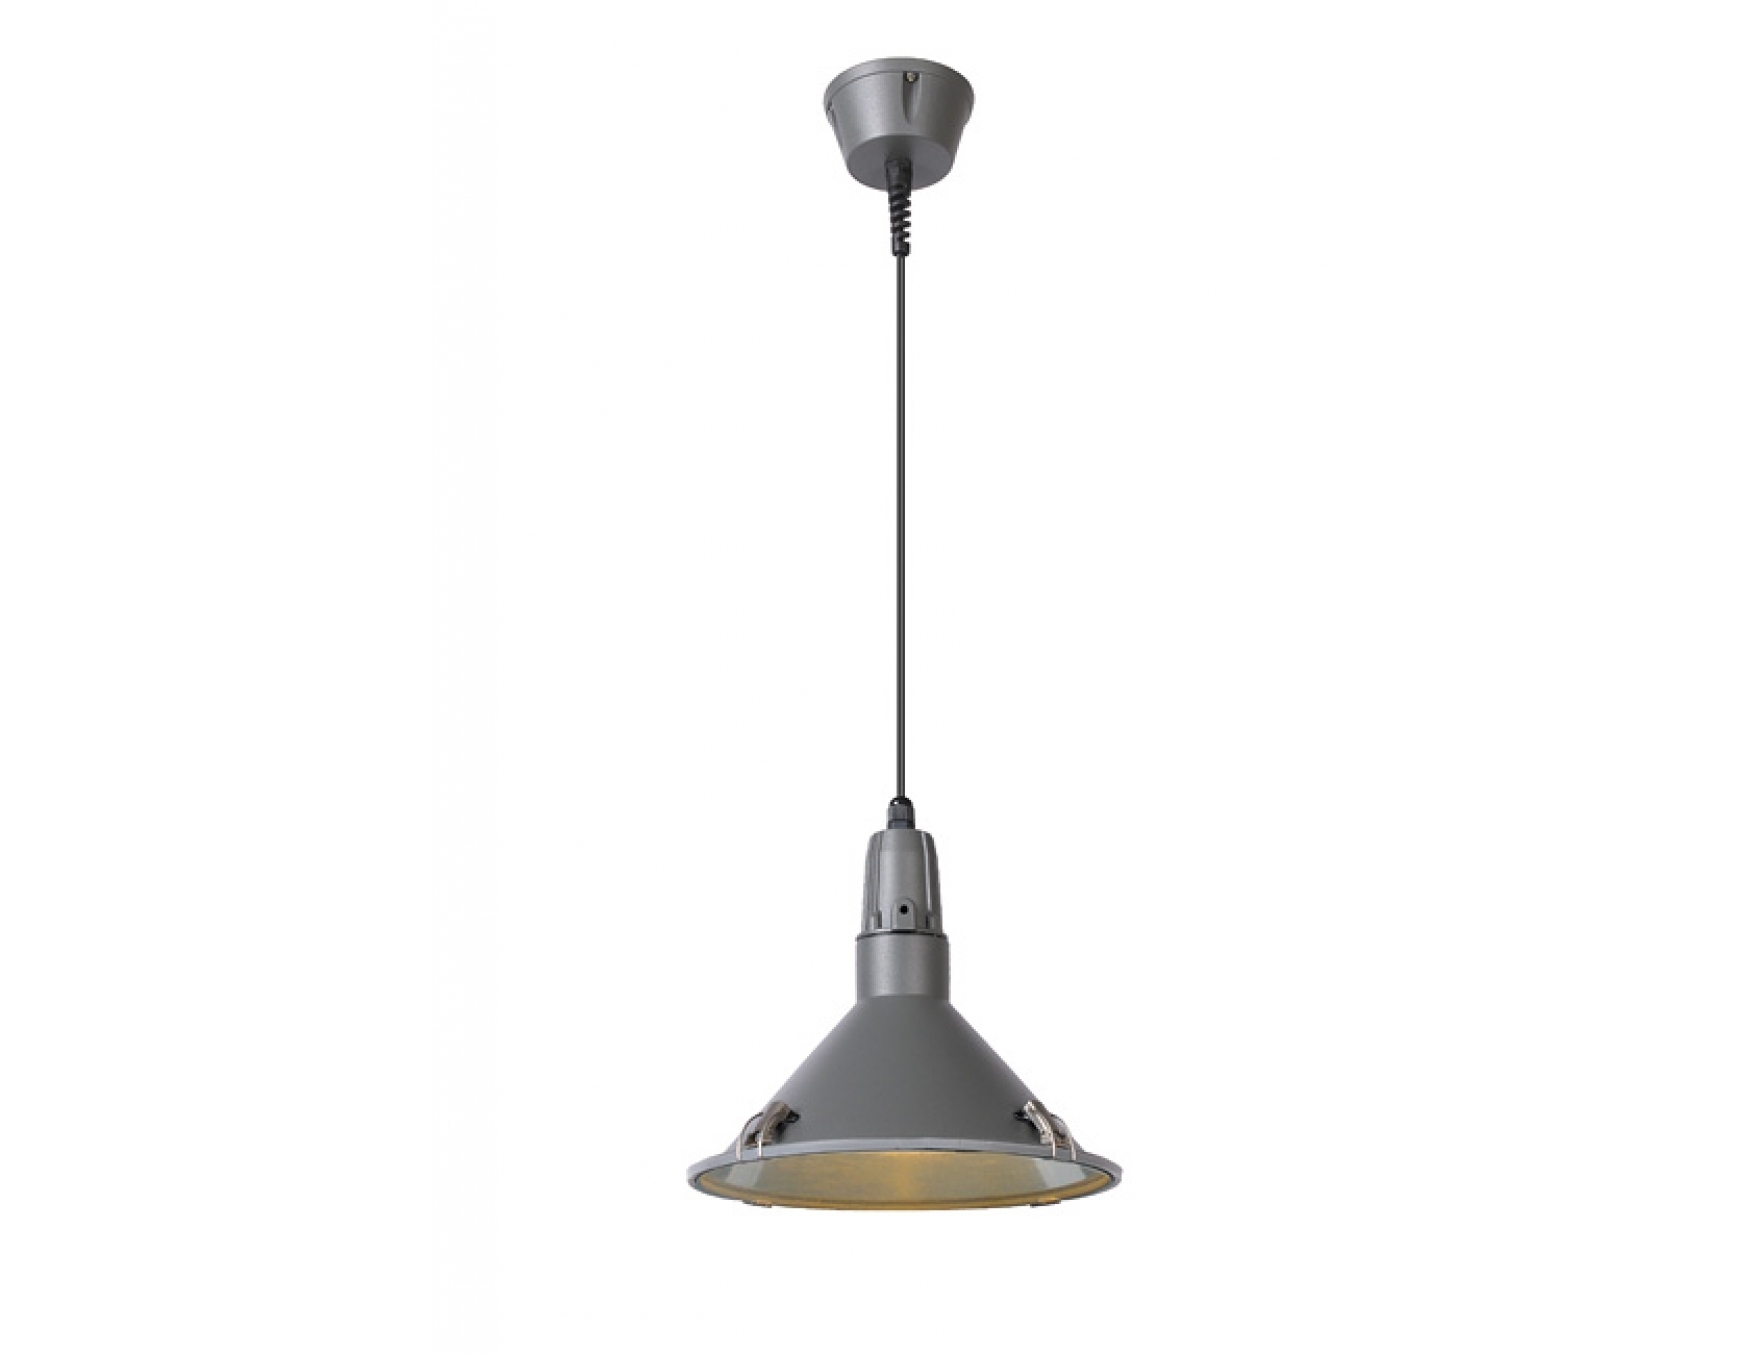 Подвесной светильник TONGAУличные подвесные и потолочные светильники<br>Цоколь Е27,&amp;amp;nbsp;&amp;lt;div&amp;gt;Мощность&amp;amp;nbsp;&amp;lt;span style=&amp;quot;line-height: 1.78571;&amp;quot;&amp;gt;60W,&amp;amp;nbsp;&amp;lt;/span&amp;gt;&amp;lt;/div&amp;gt;&amp;lt;div&amp;gt;&amp;lt;span style=&amp;quot;line-height: 1.78571;&amp;quot;&amp;gt;Количество 1  лампочка  (в комплект не входит)&amp;lt;/span&amp;gt;&amp;lt;/div&amp;gt;<br><br>Material: Металл<br>Высота см: 206